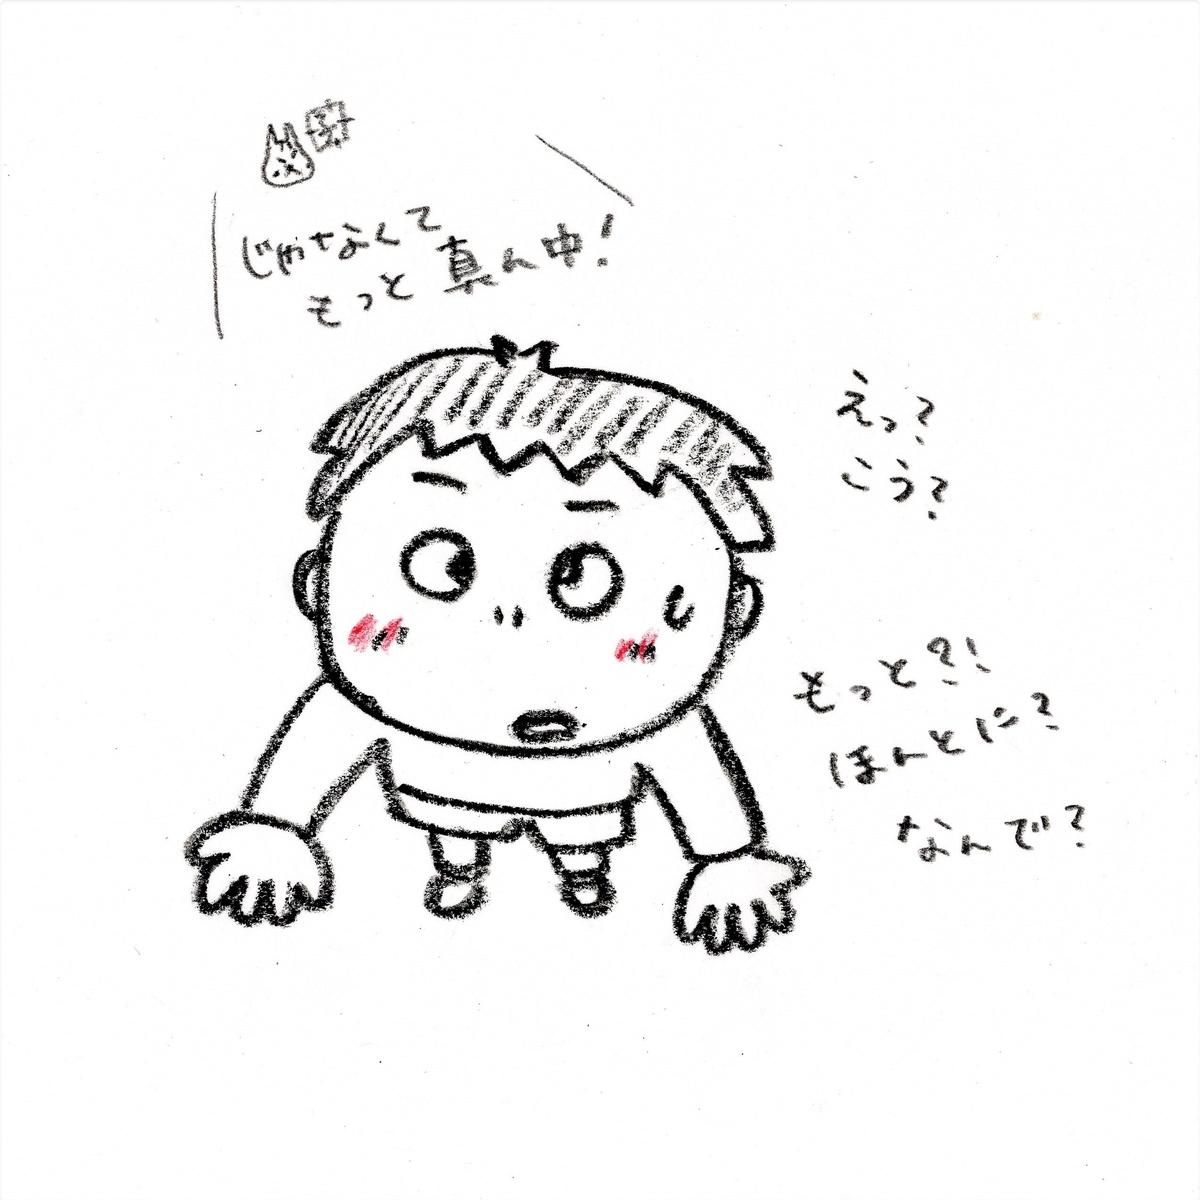 f:id:saimihara:20200409103017j:plain